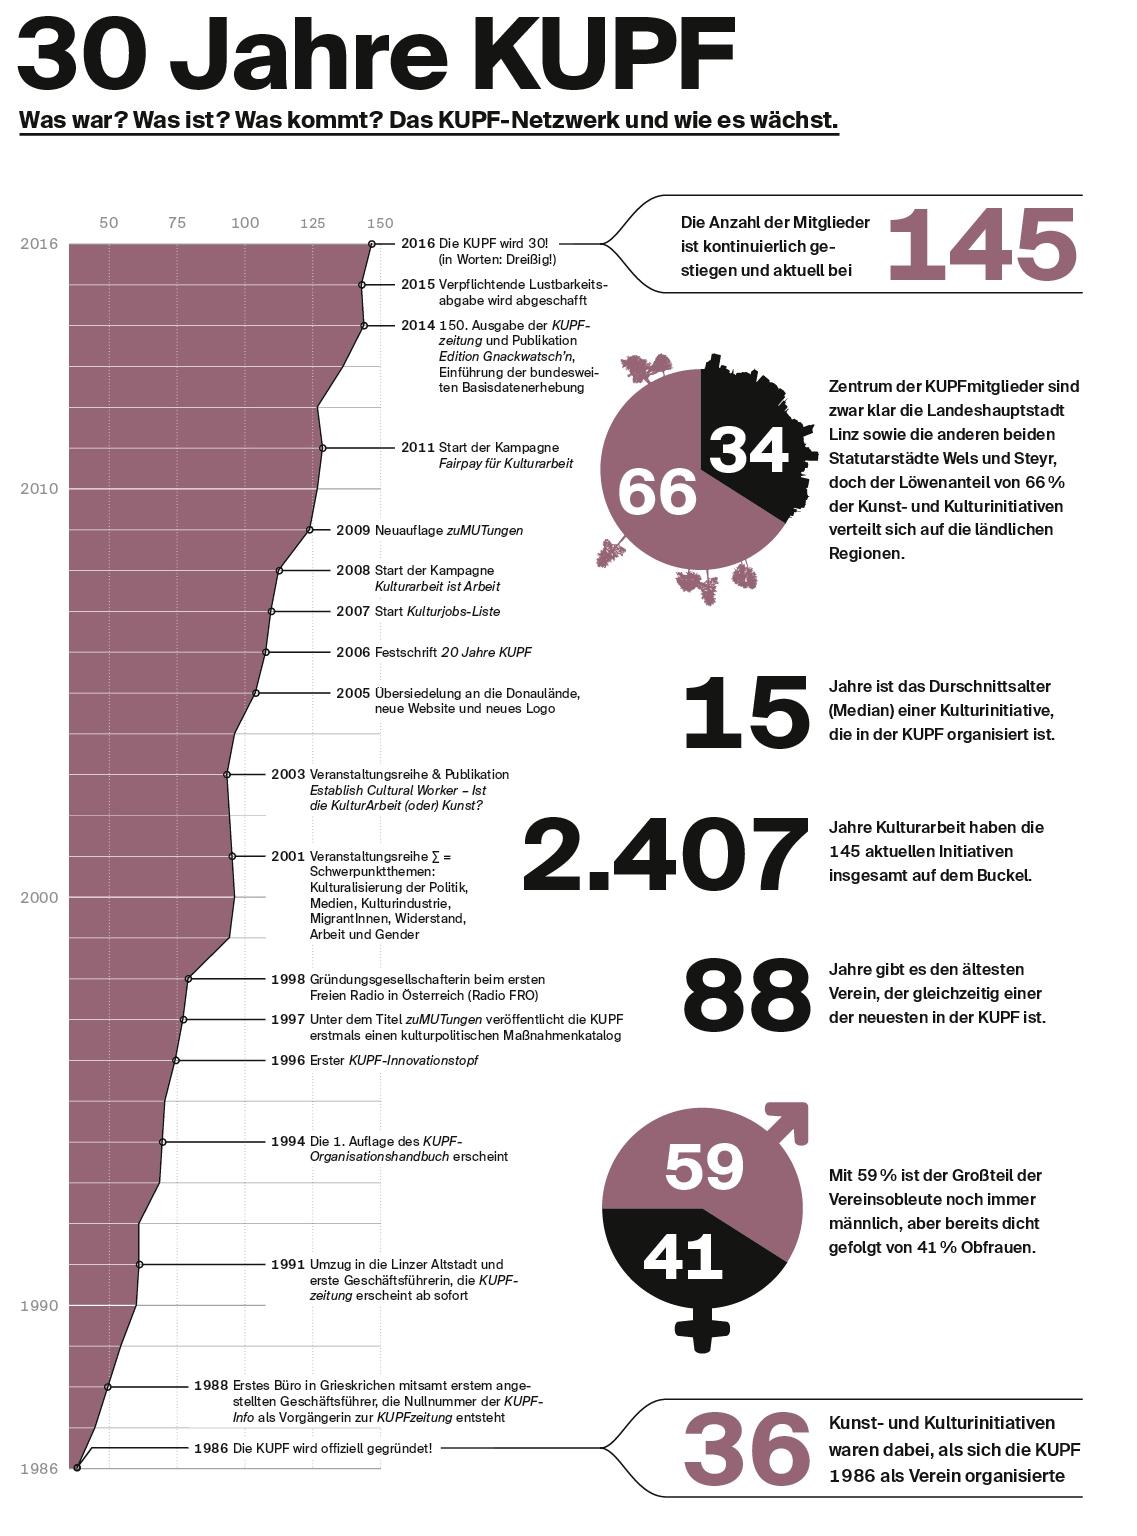 Der Anstieg der KUPF-Mitglieder sowie Eckpunkte der KUPF-Geschichte von der offiziellen Vereinsgründung 1986 bis heute